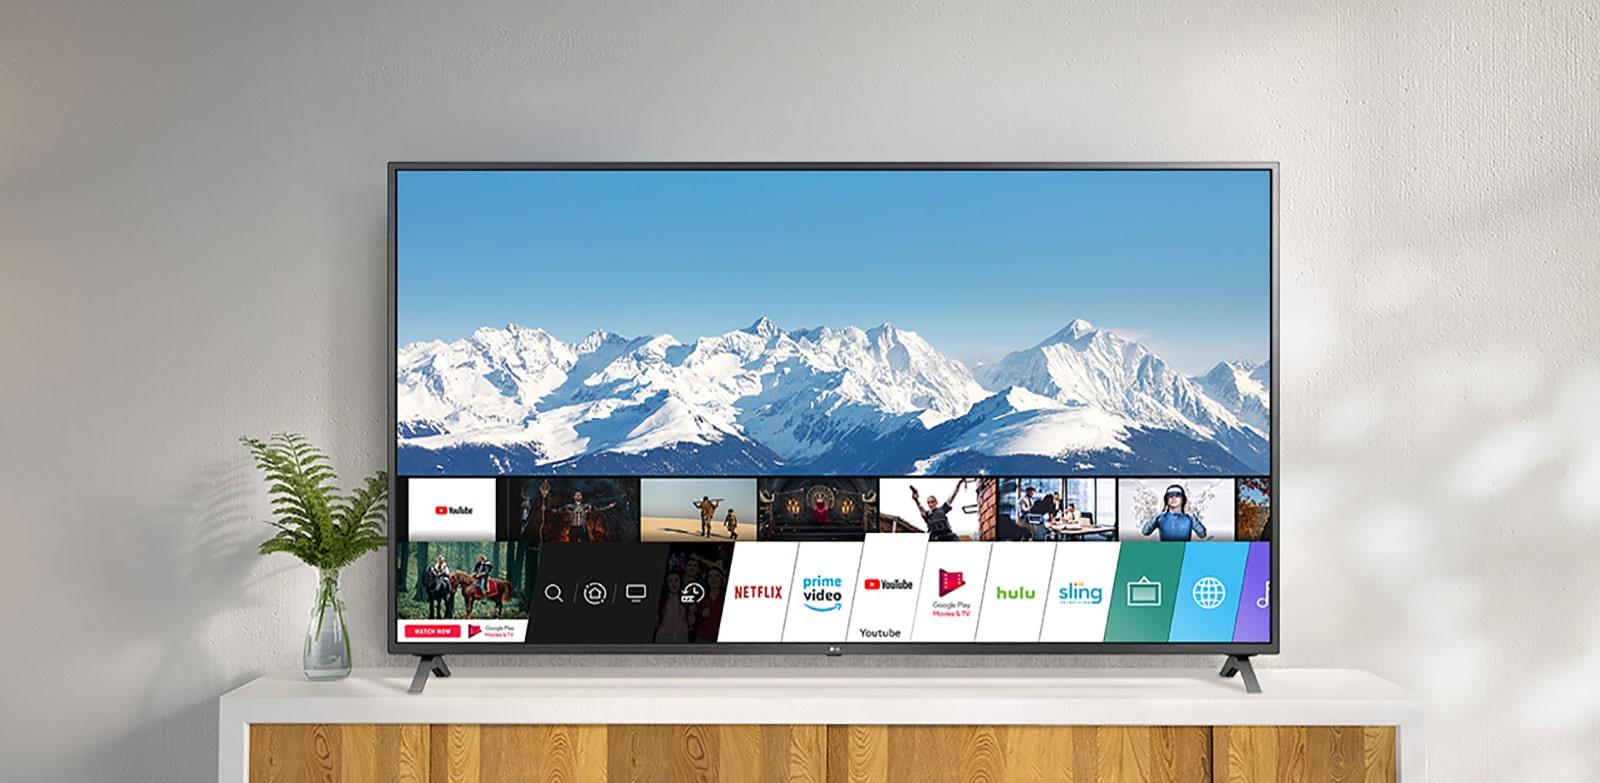 A TV em um suporte branco contra uma parede branca. A tela da TV mostra a tela inicial com o sistema operacional webOS.